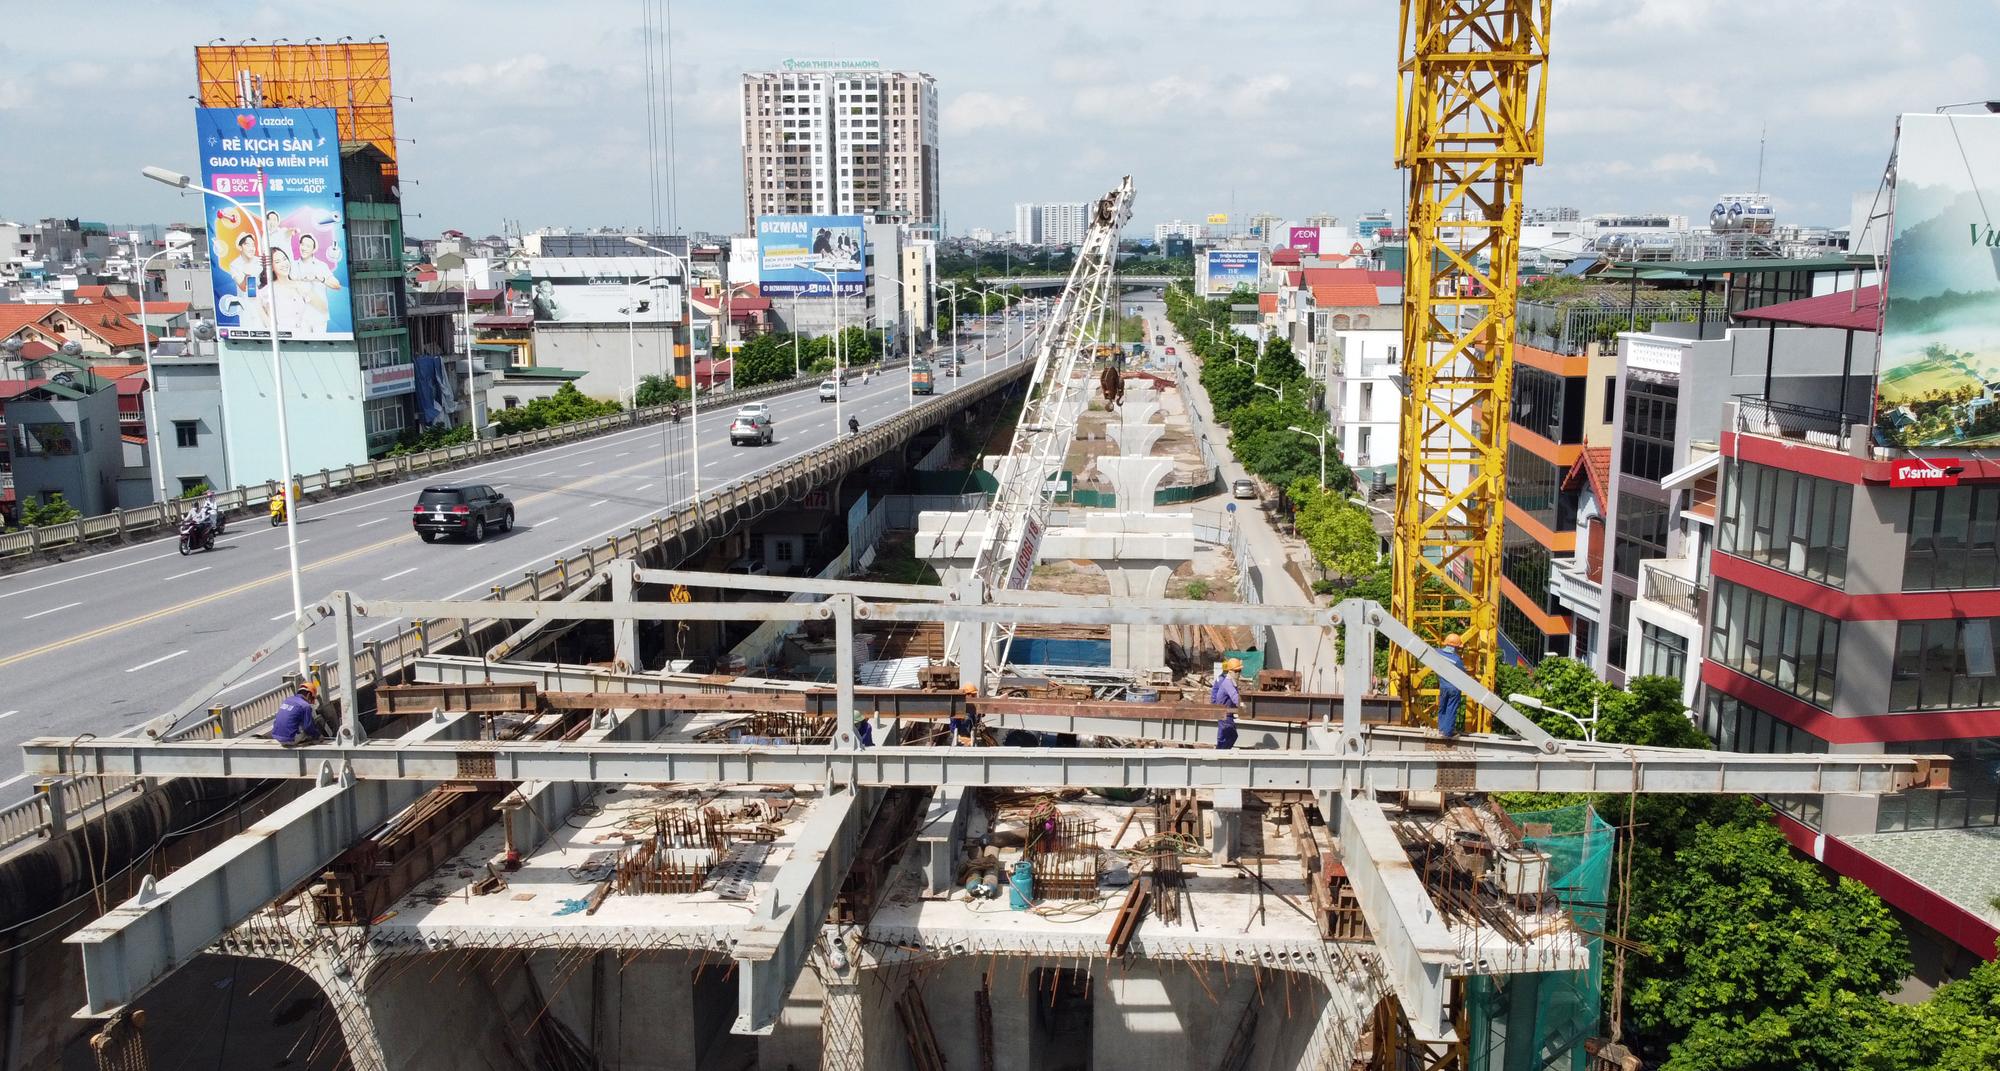 Hình ảnh dự án giao thông trọng điểm của Hà Nội thi công khi giãn cách xã hội - Ảnh 8.